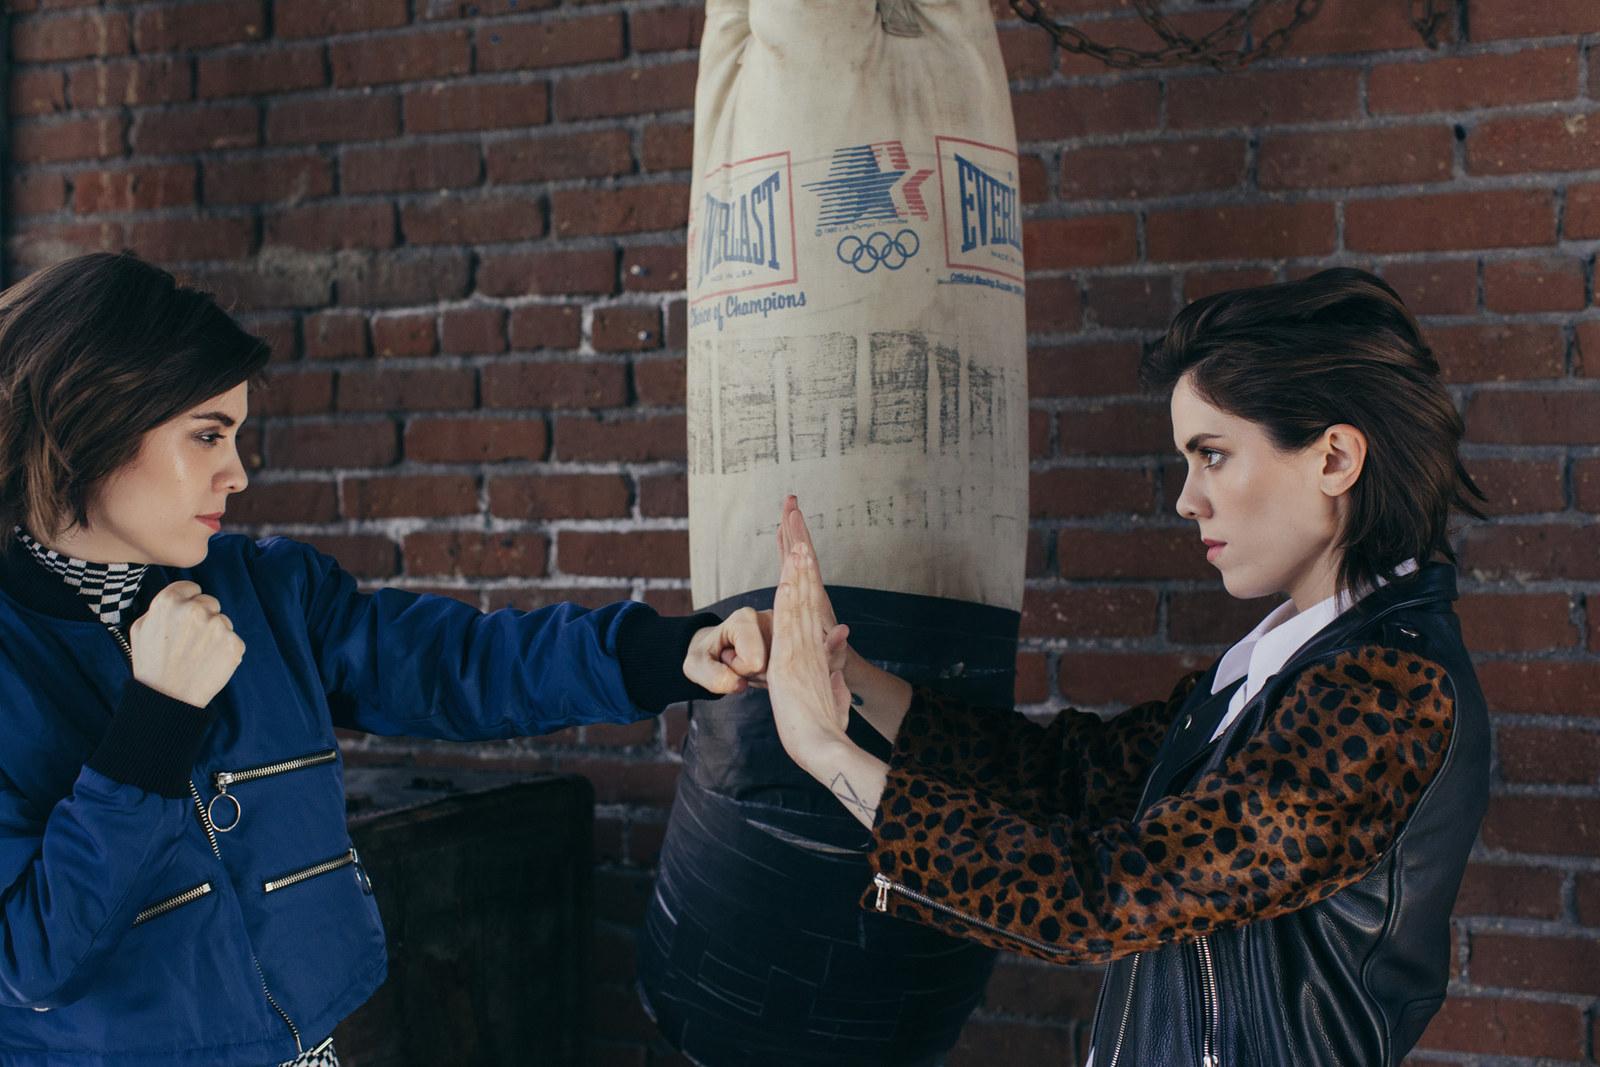 HQ Tegan And Sara Wallpapers | File 350.61Kb